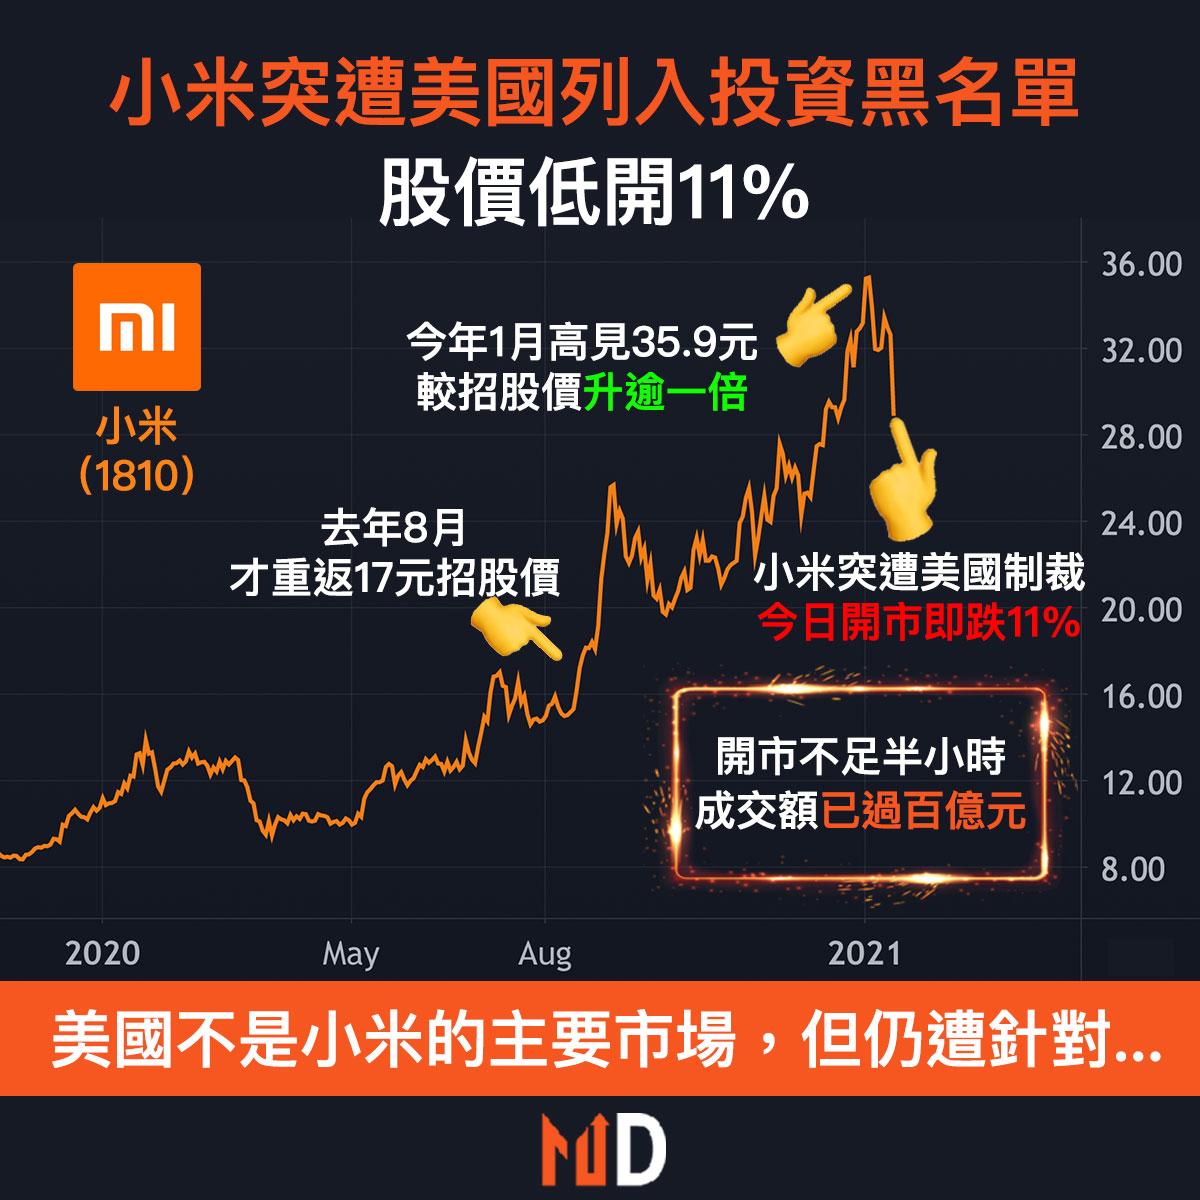 小米突遭美國列入投資黑名單,股價低開11%